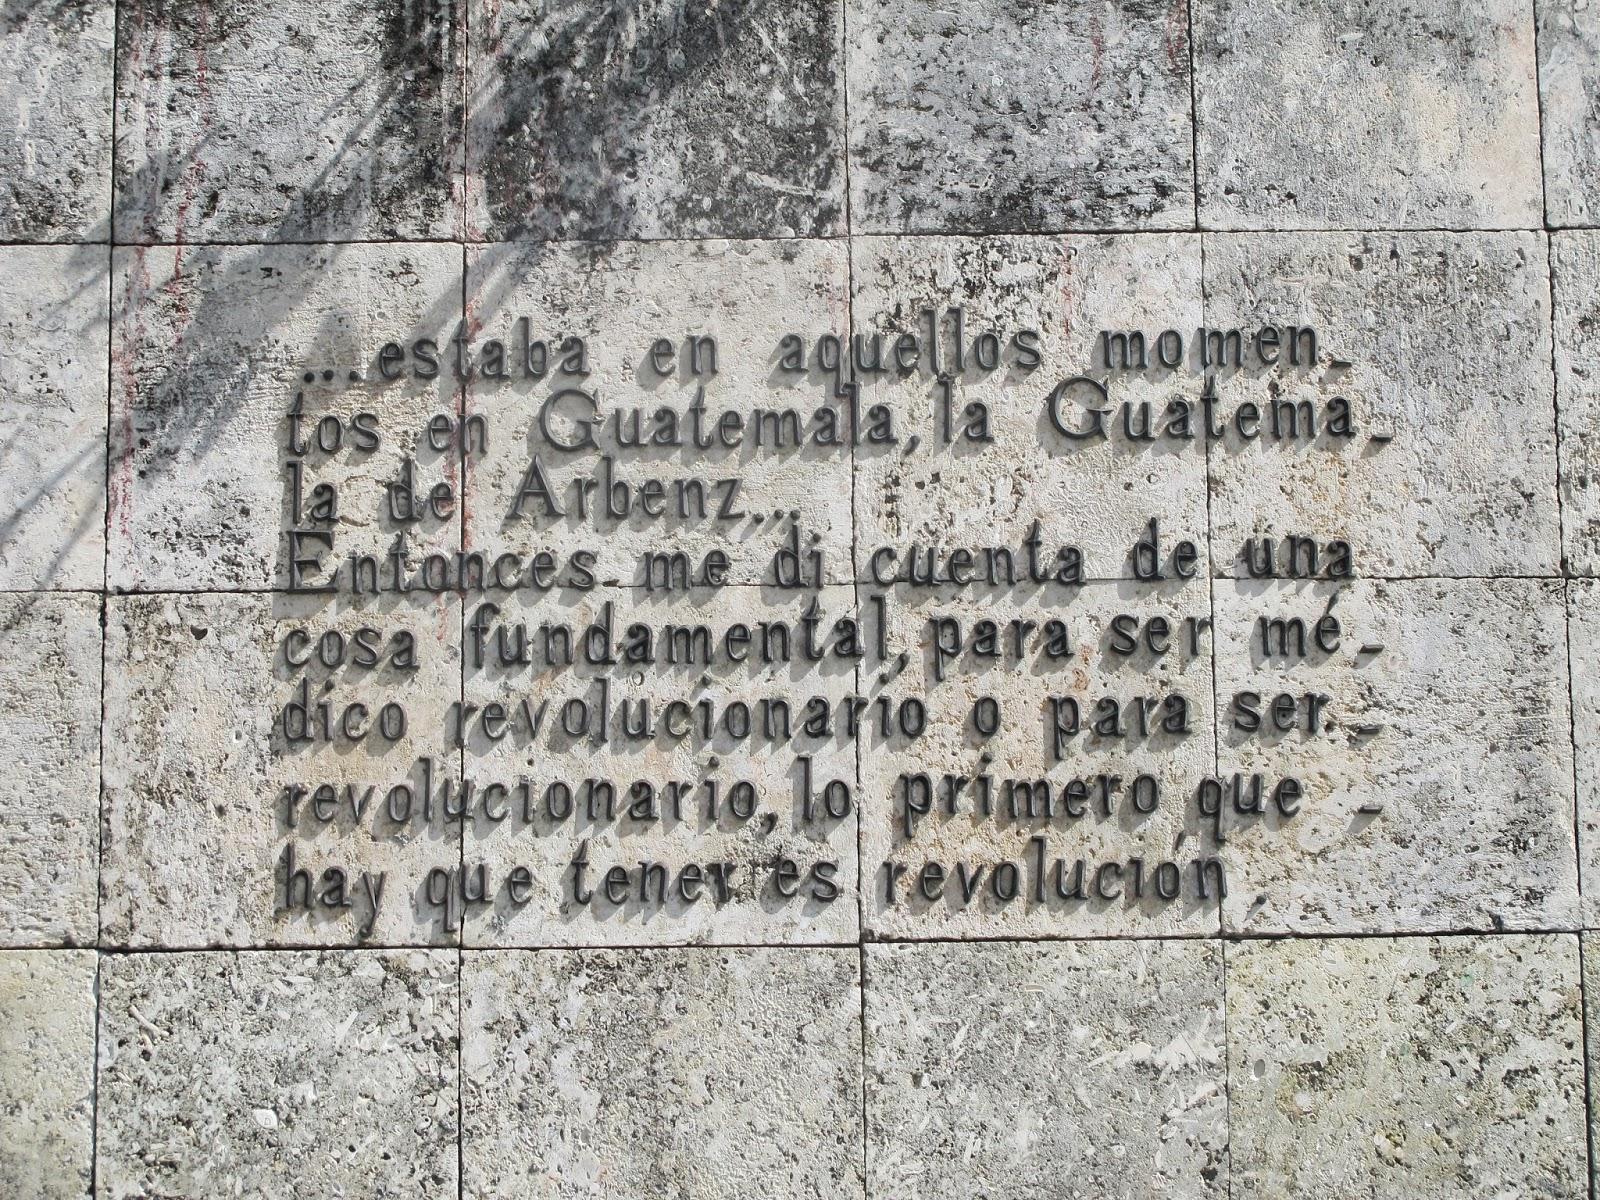 Monumento em homenagem à Che Guevara, em Santa Clara.